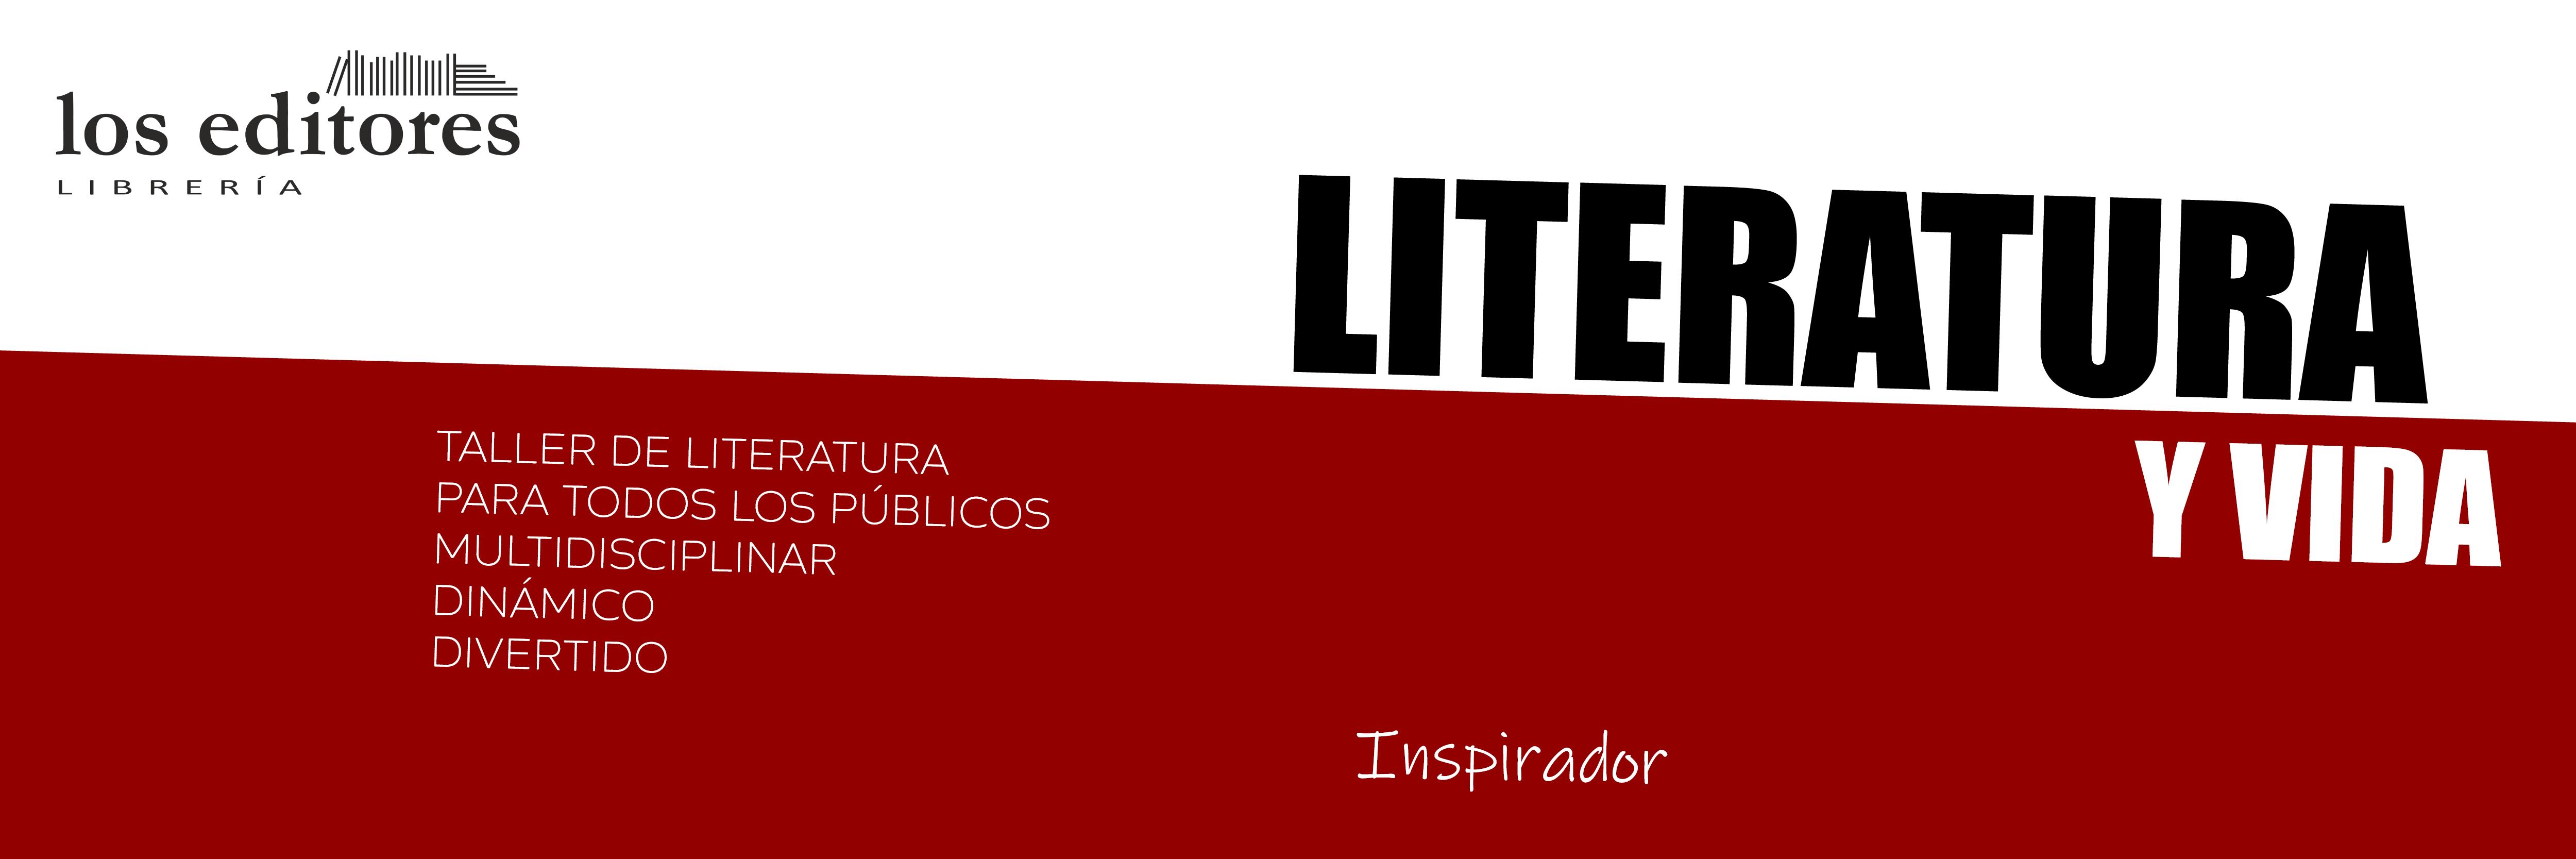 los editores taller literario